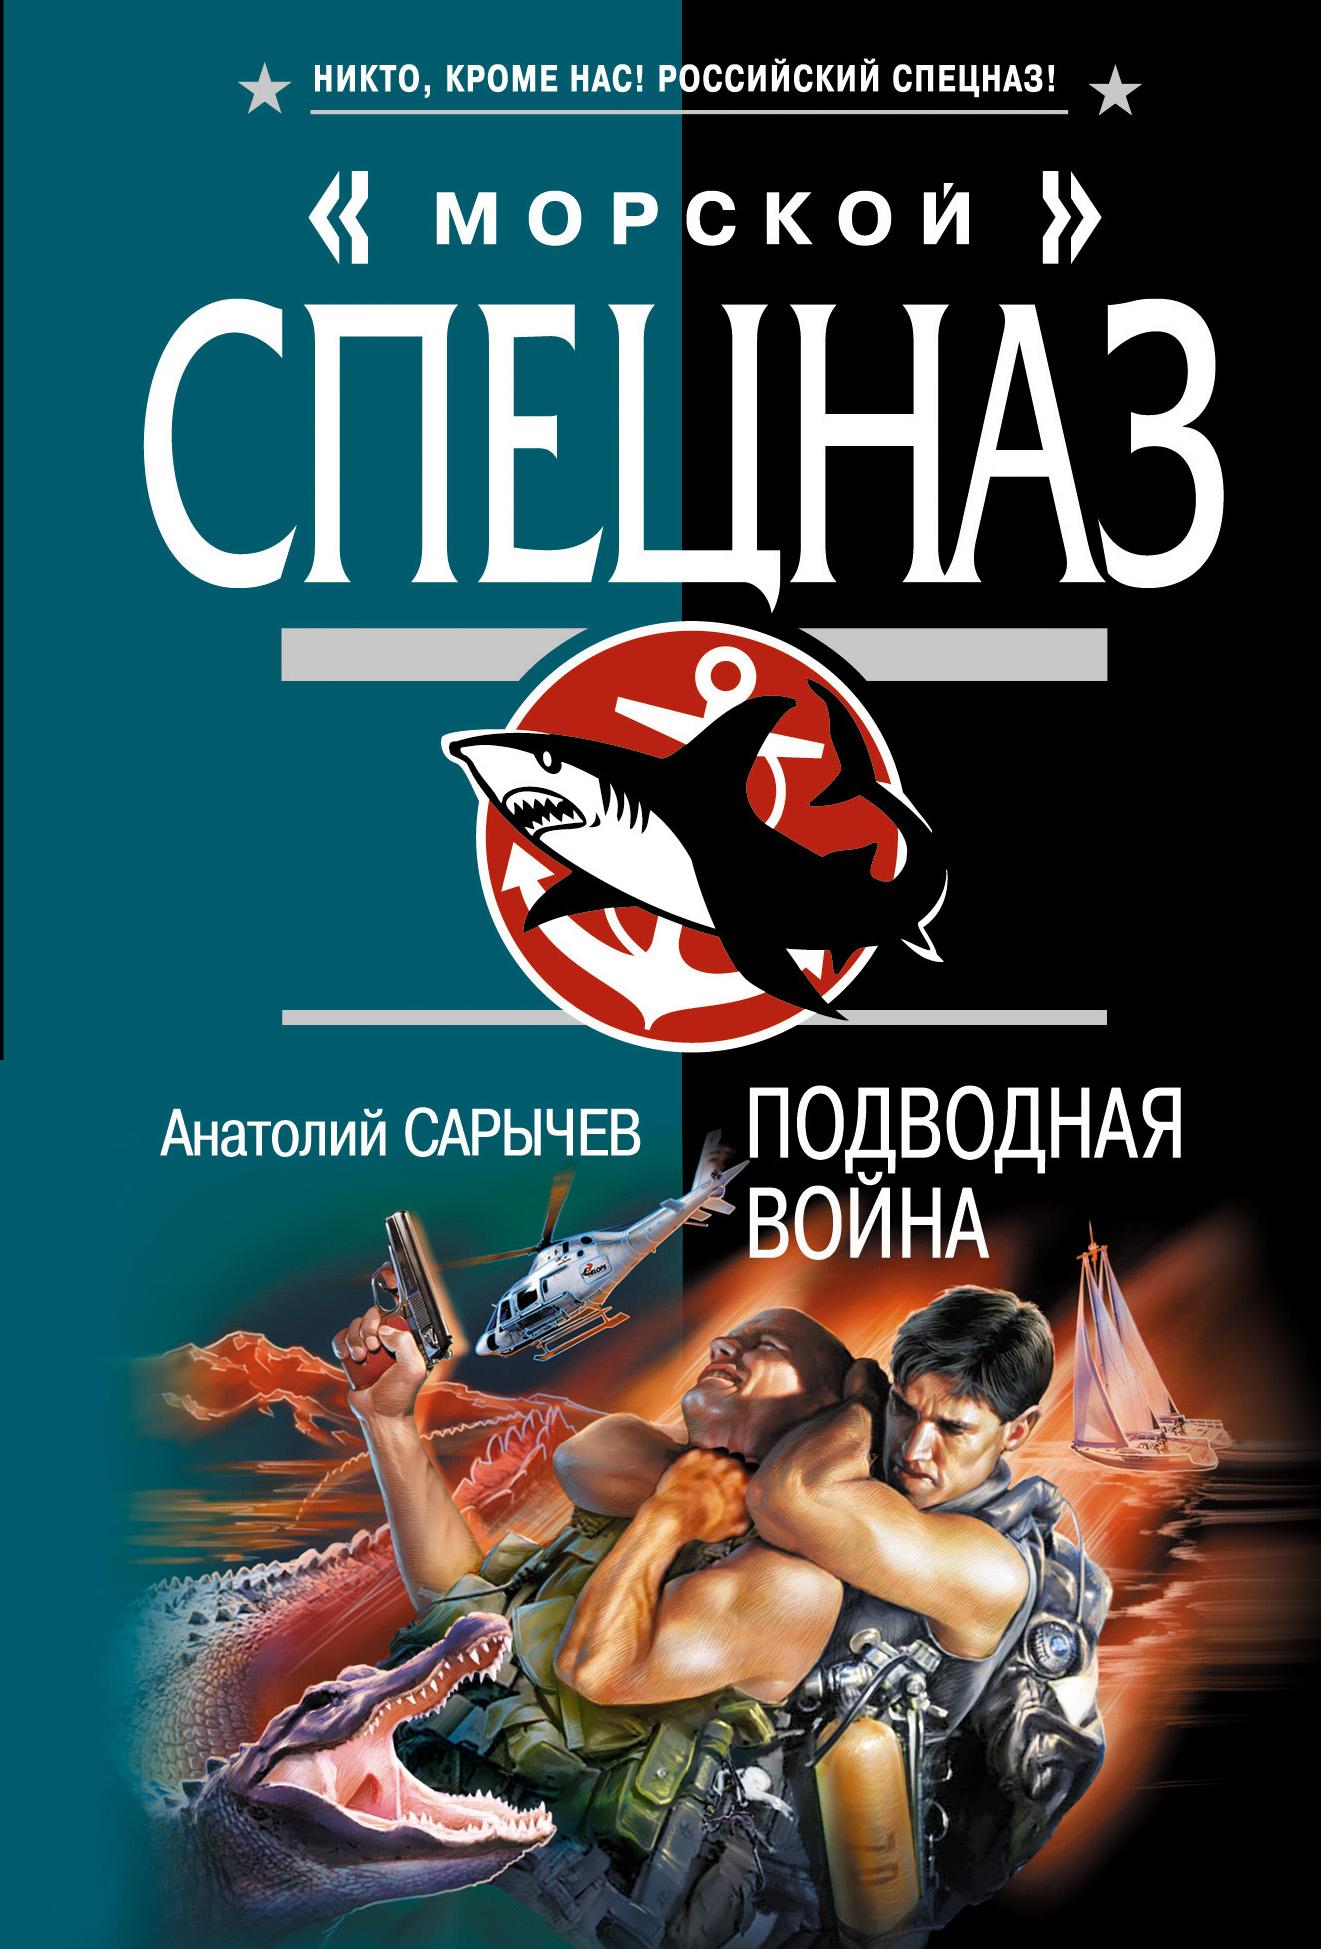 Анатолий Сарычев Подводная война крем ци клим